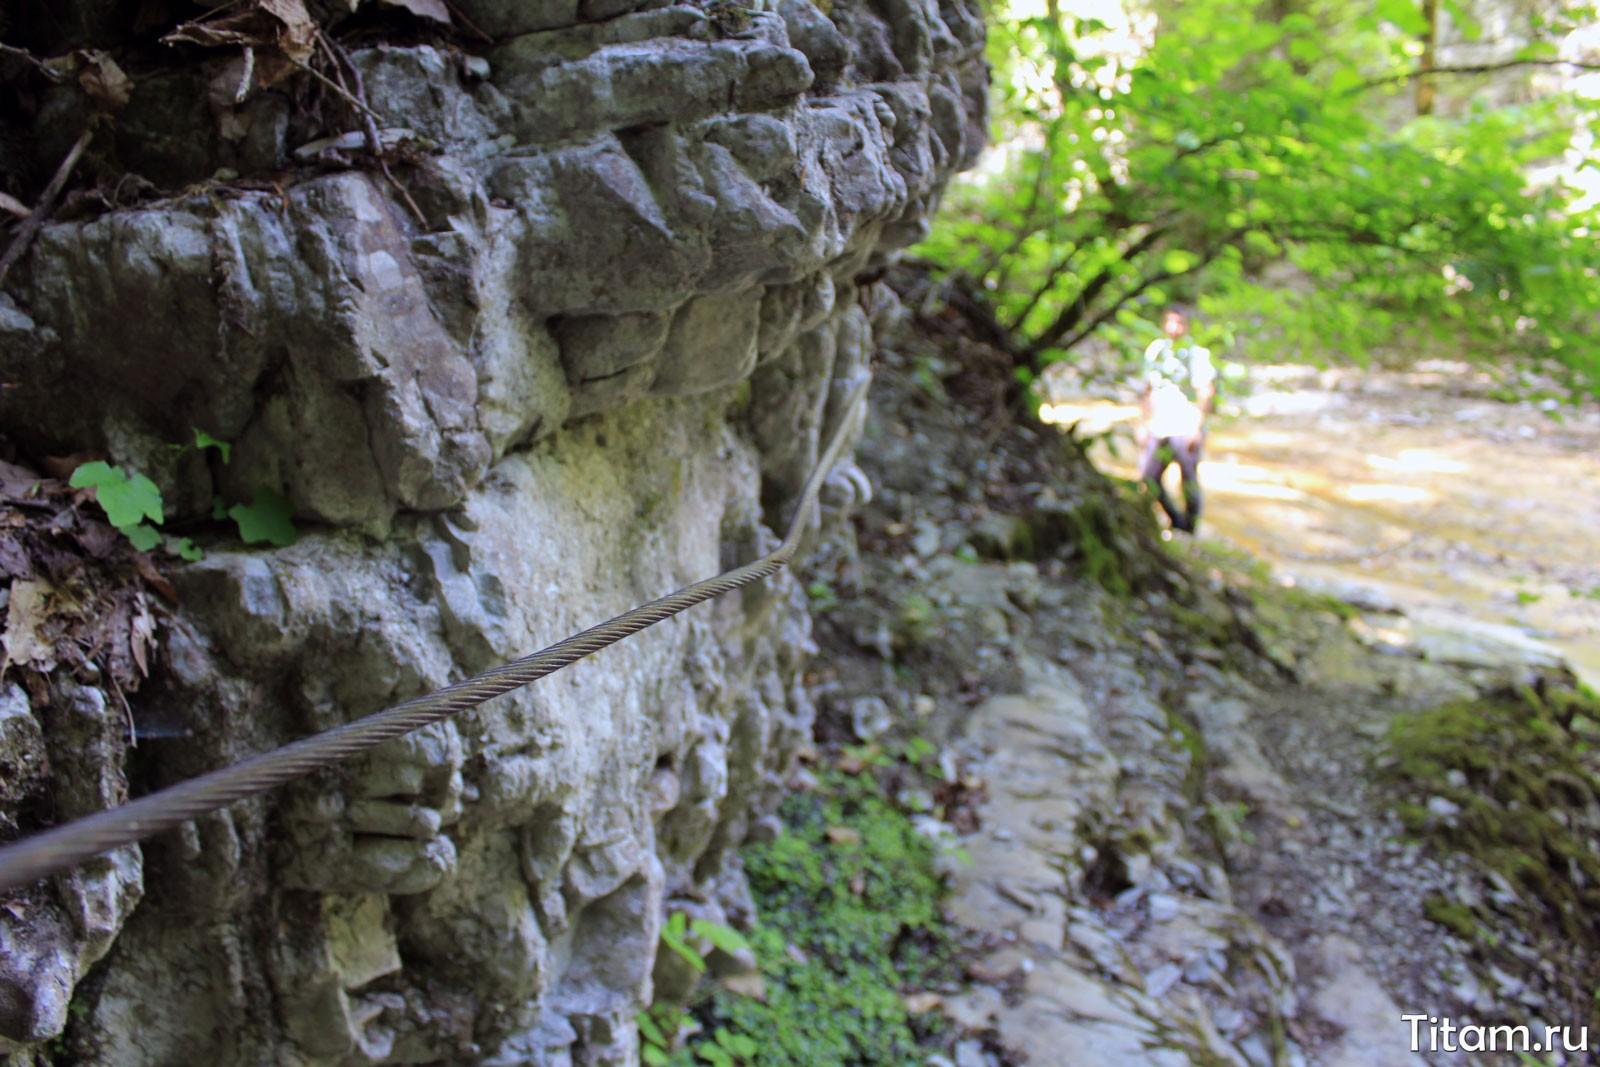 Трос. Водопад Нос